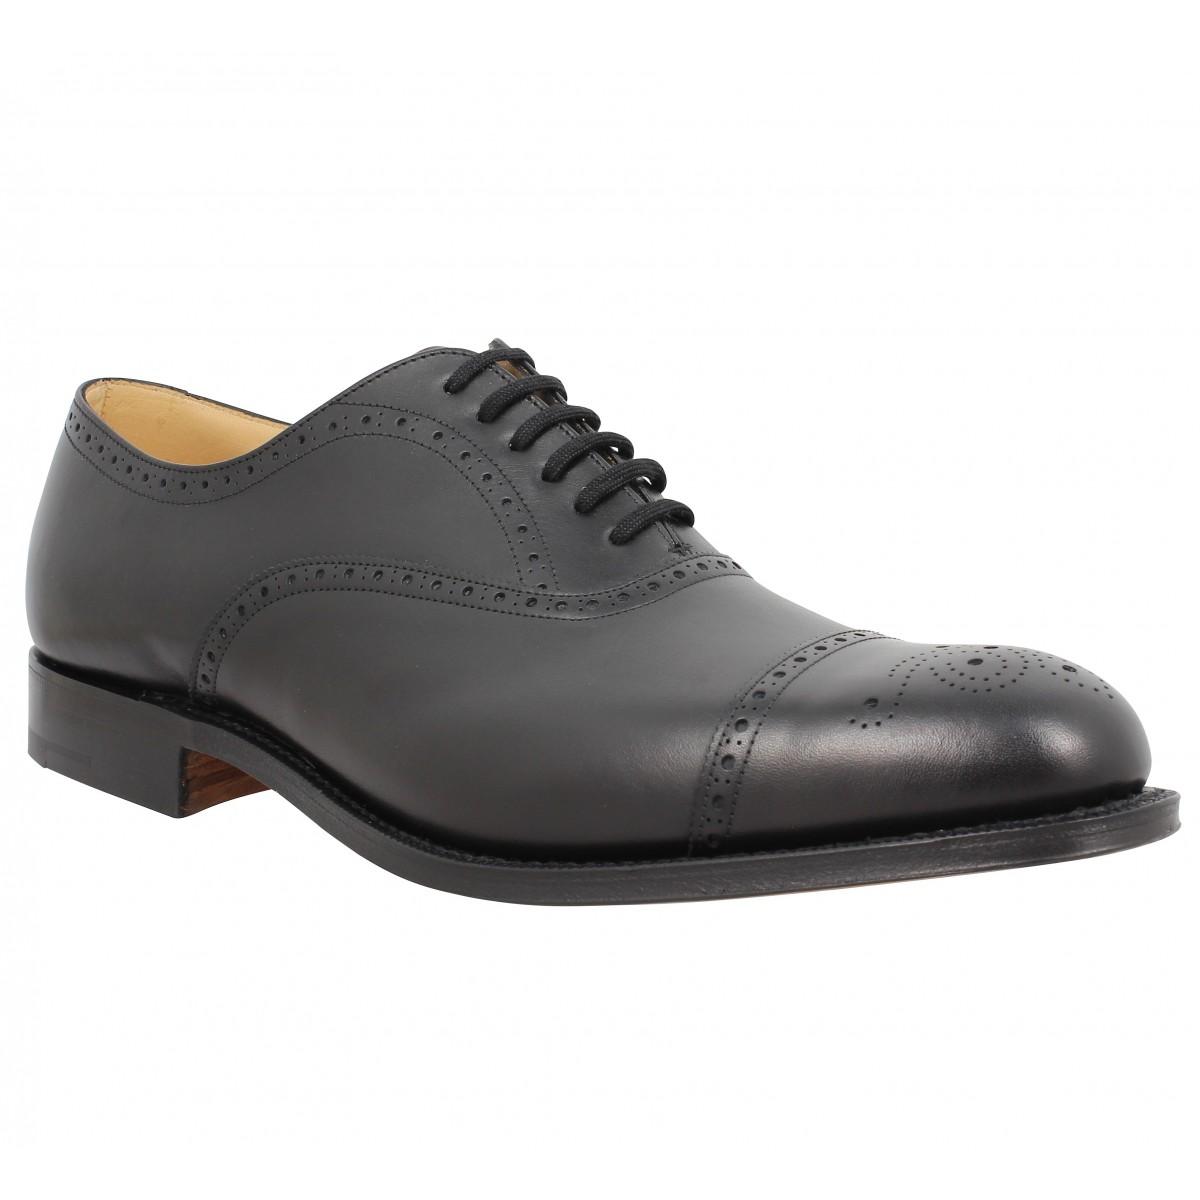 Chaussures à lacets CHURCH'S Toronto cuir Noir